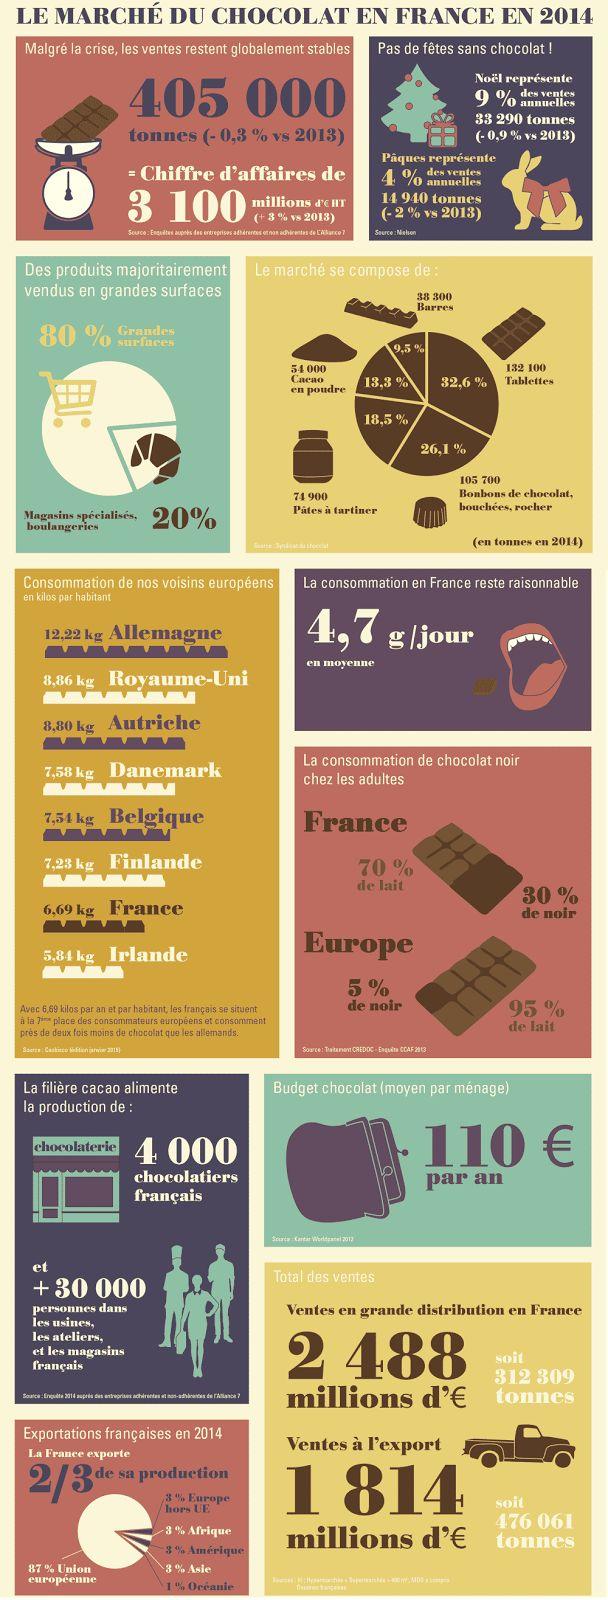 Le bistrot du FLE: Hmm j'adore le chocolat, et vous ?